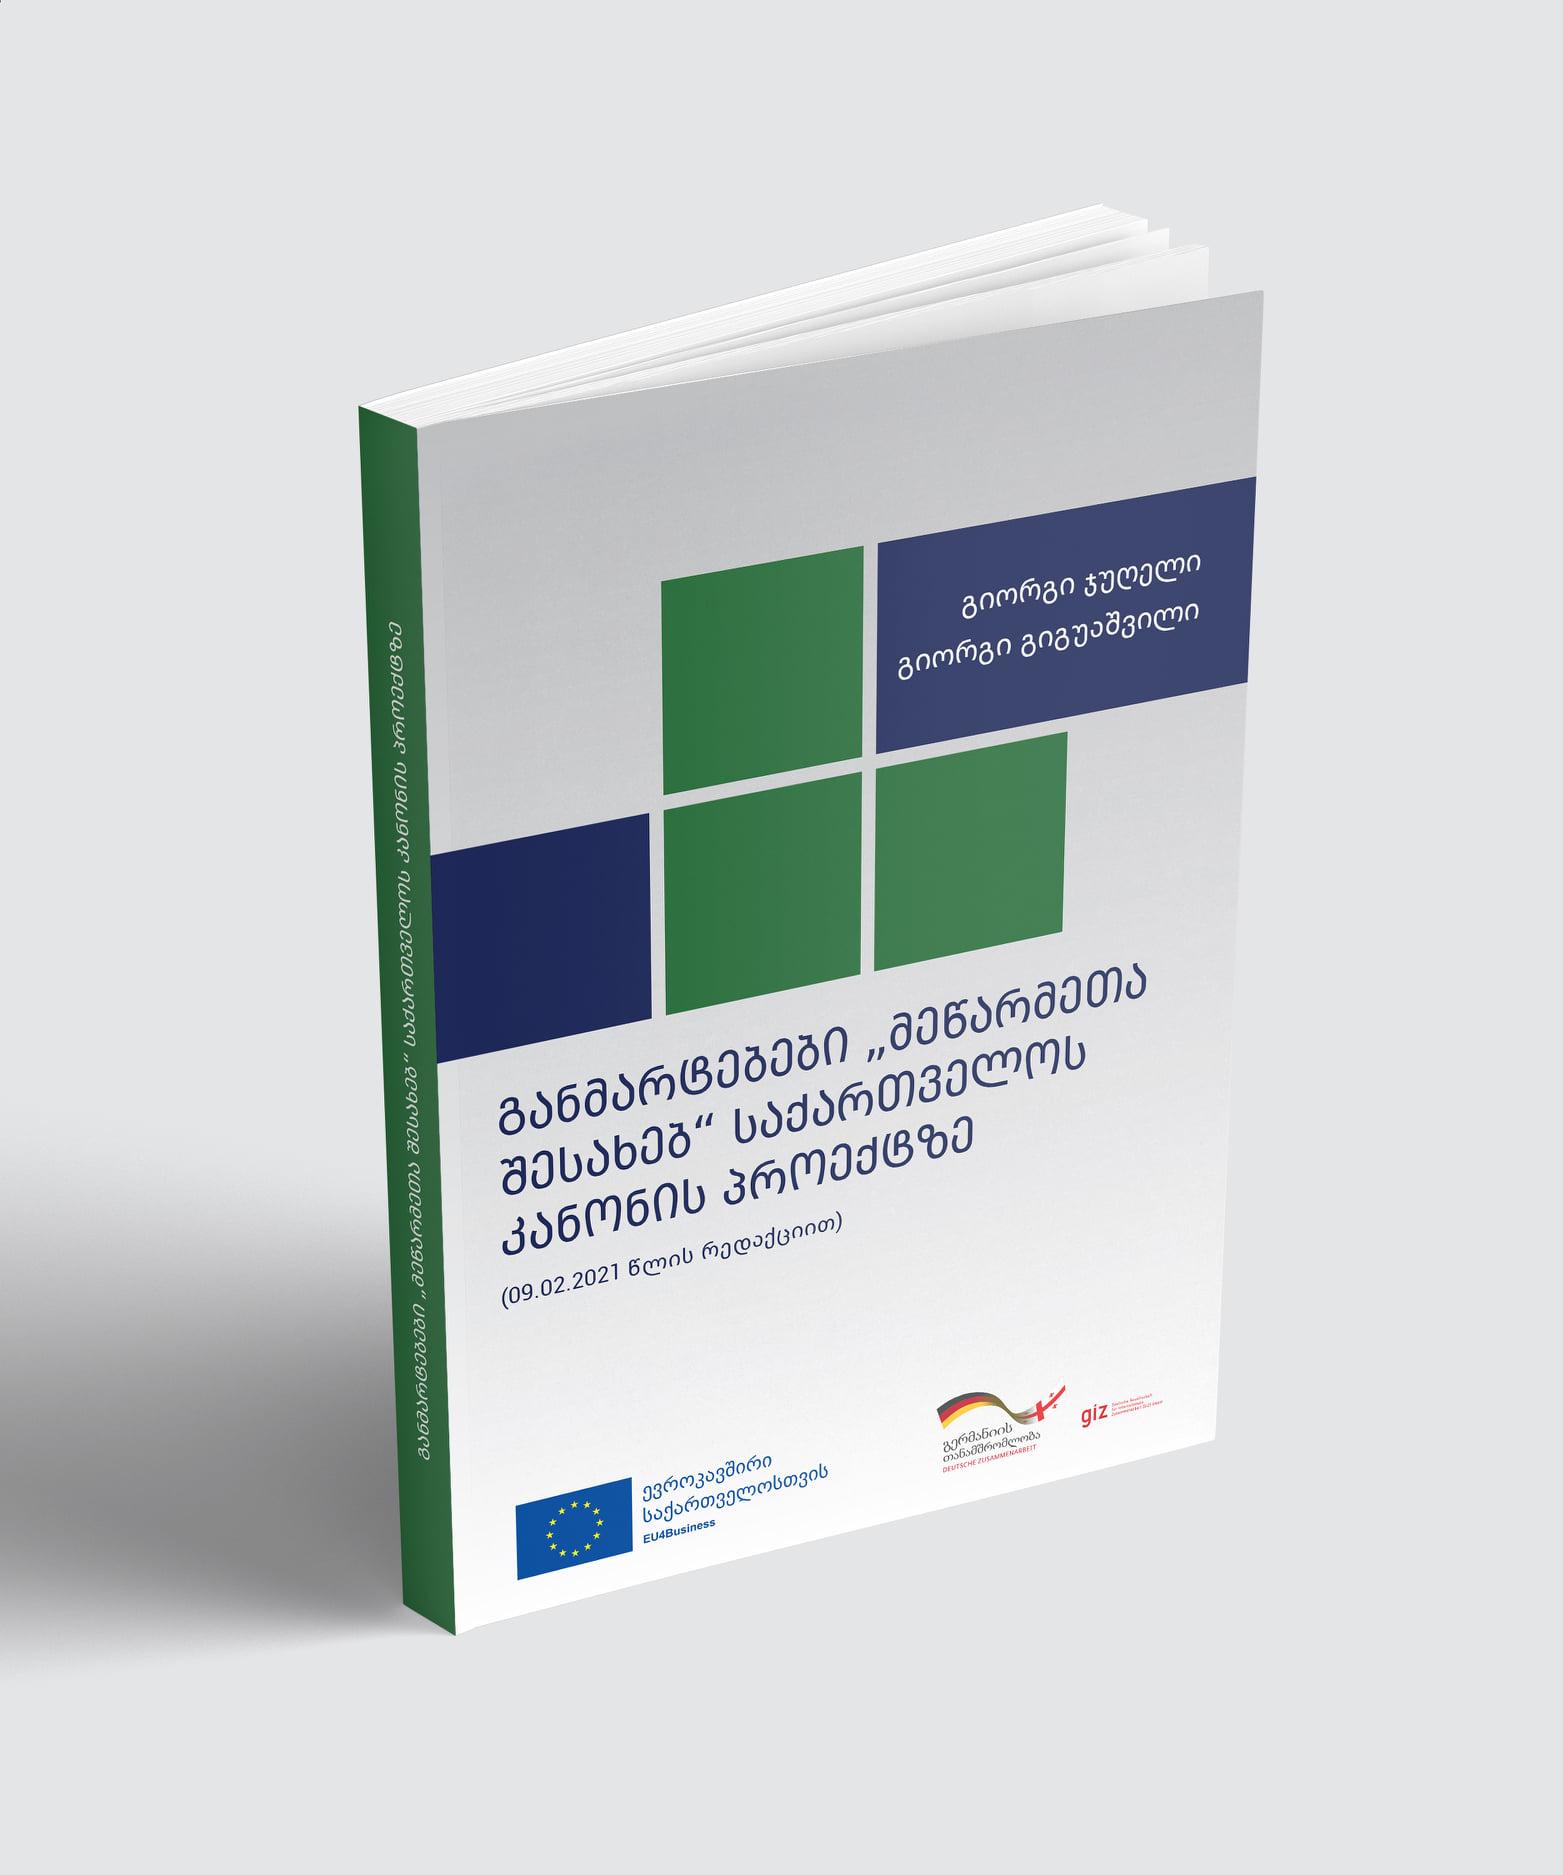 """სახელმძღვანელო: განმარტებები: """"მეწარმეთა შესახებ"""" საქართველოს კანონპროექტზე"""